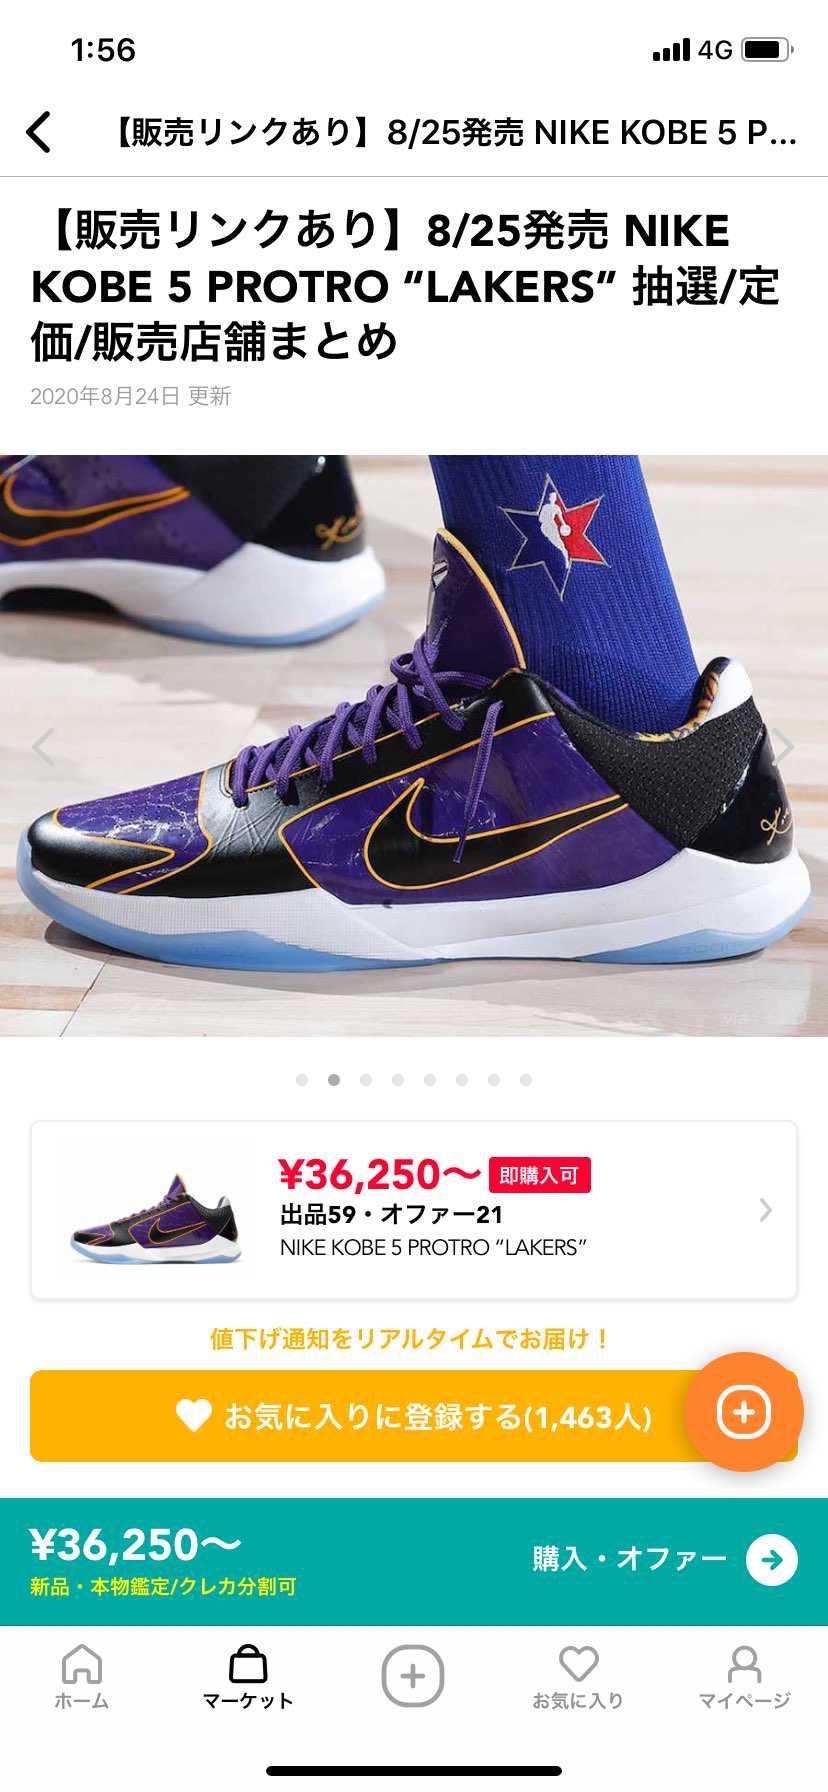 この靴下って売っていますか?